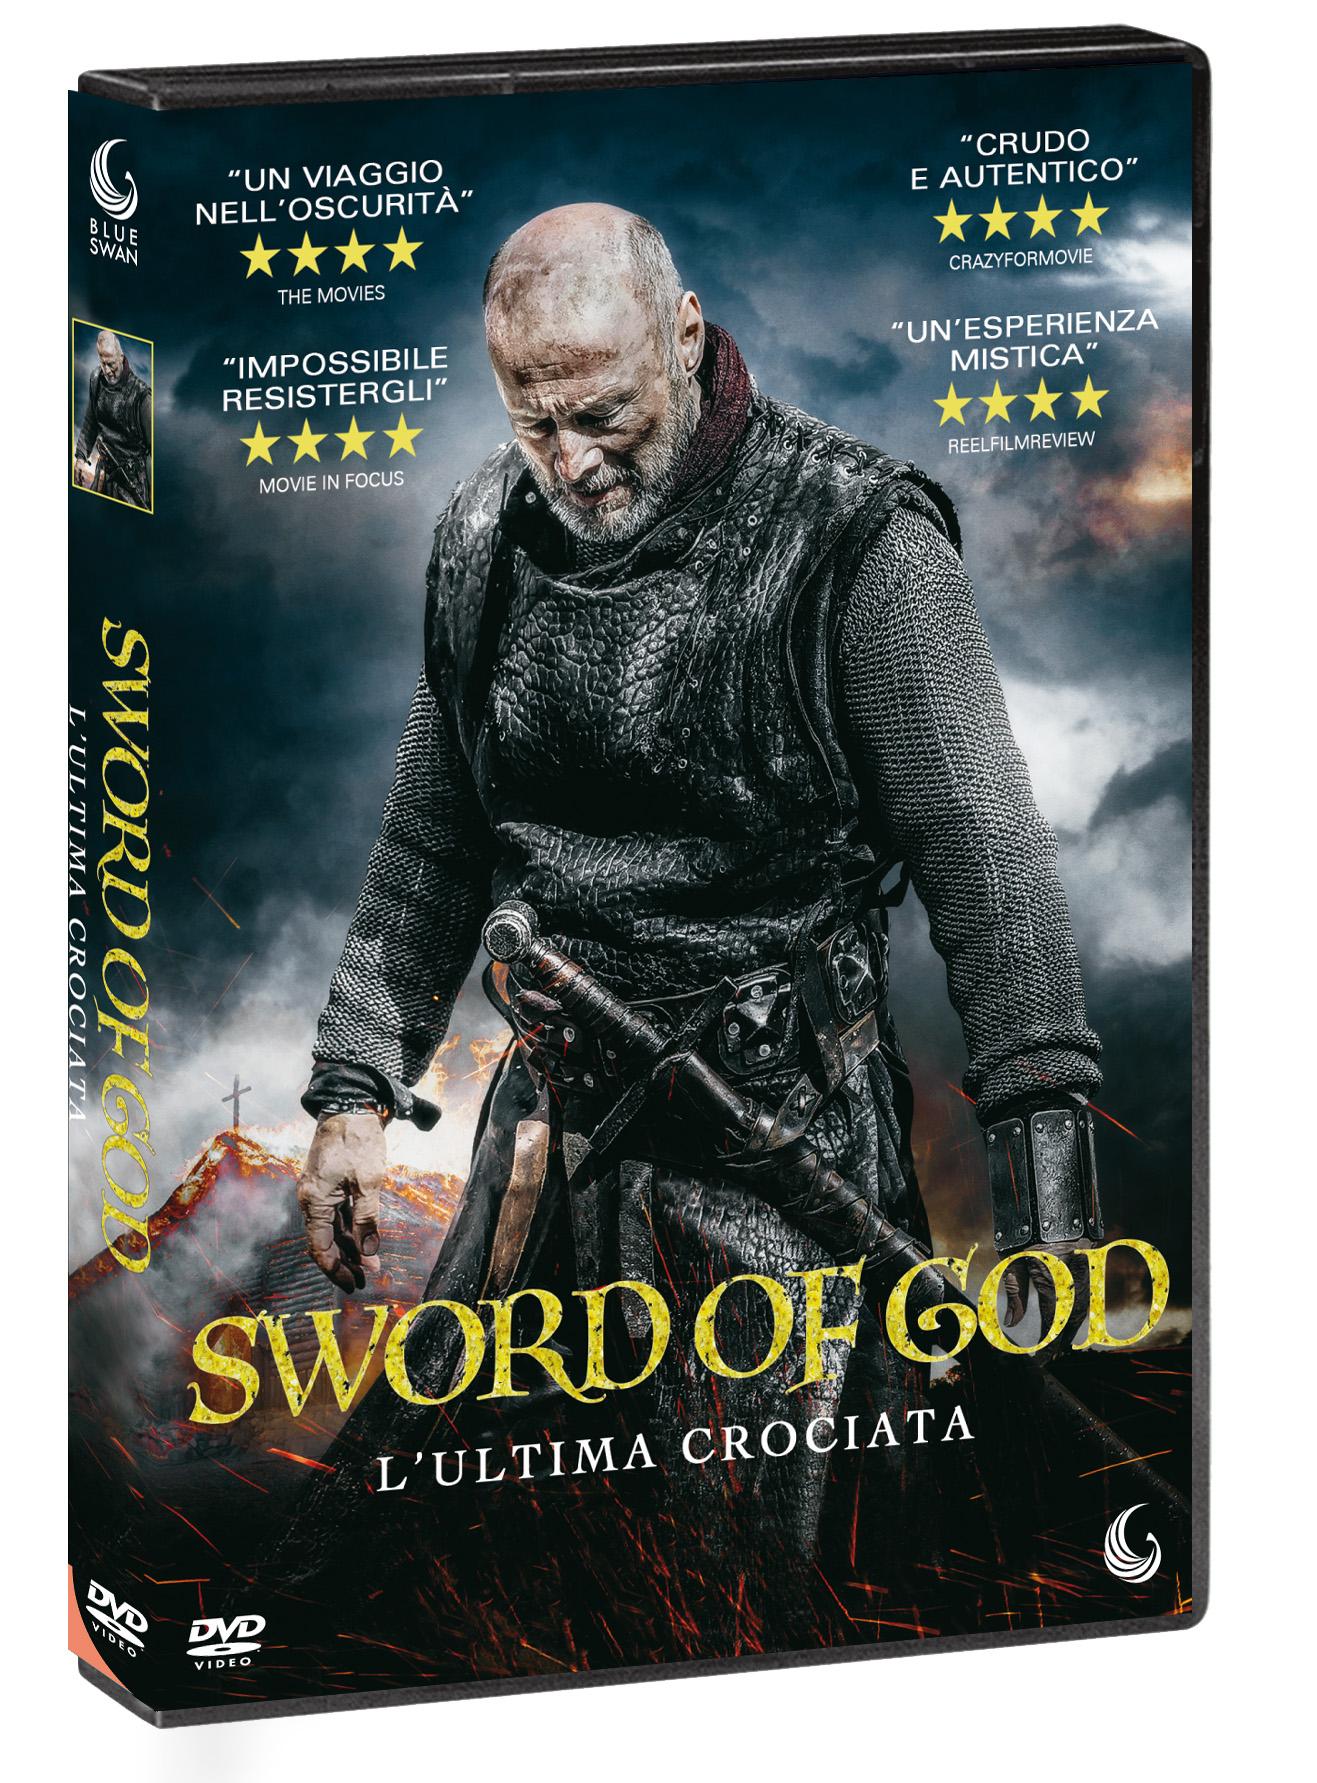 SWORD OF GOD: L'ULTIMA CROCIATA (DVD)